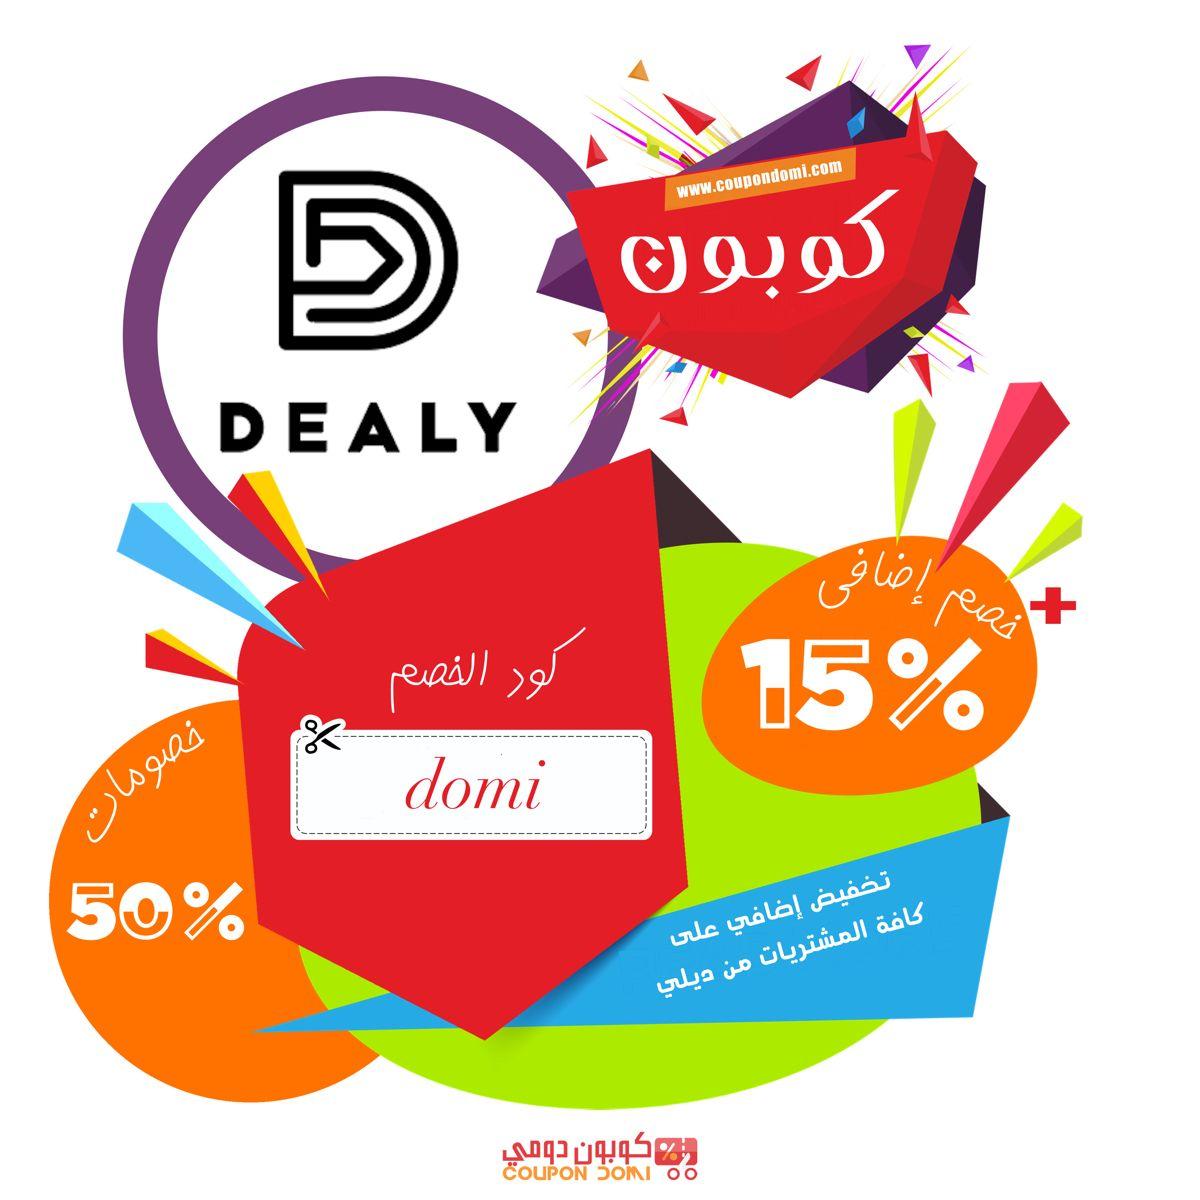 أحدث كوبون خصم ديلي 15 على جميع المشتريات من Dealy Uyo Reni Store